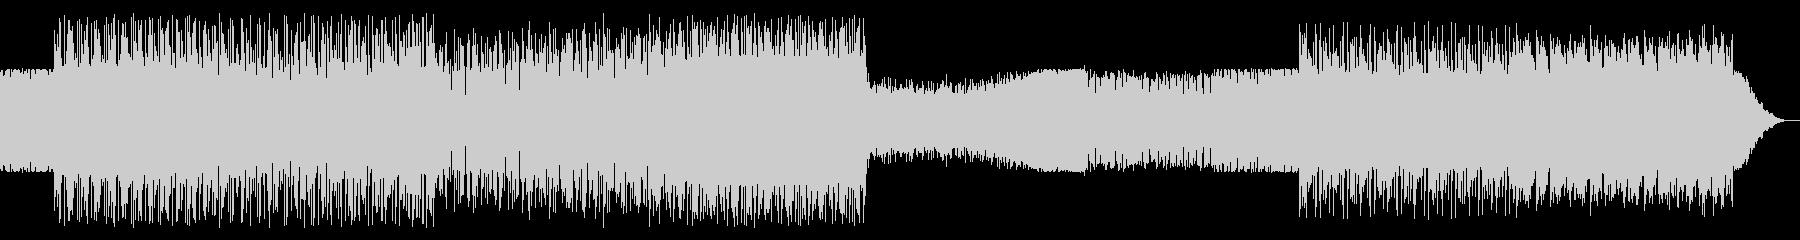 シンプルなアルペジオのテクノ12の未再生の波形